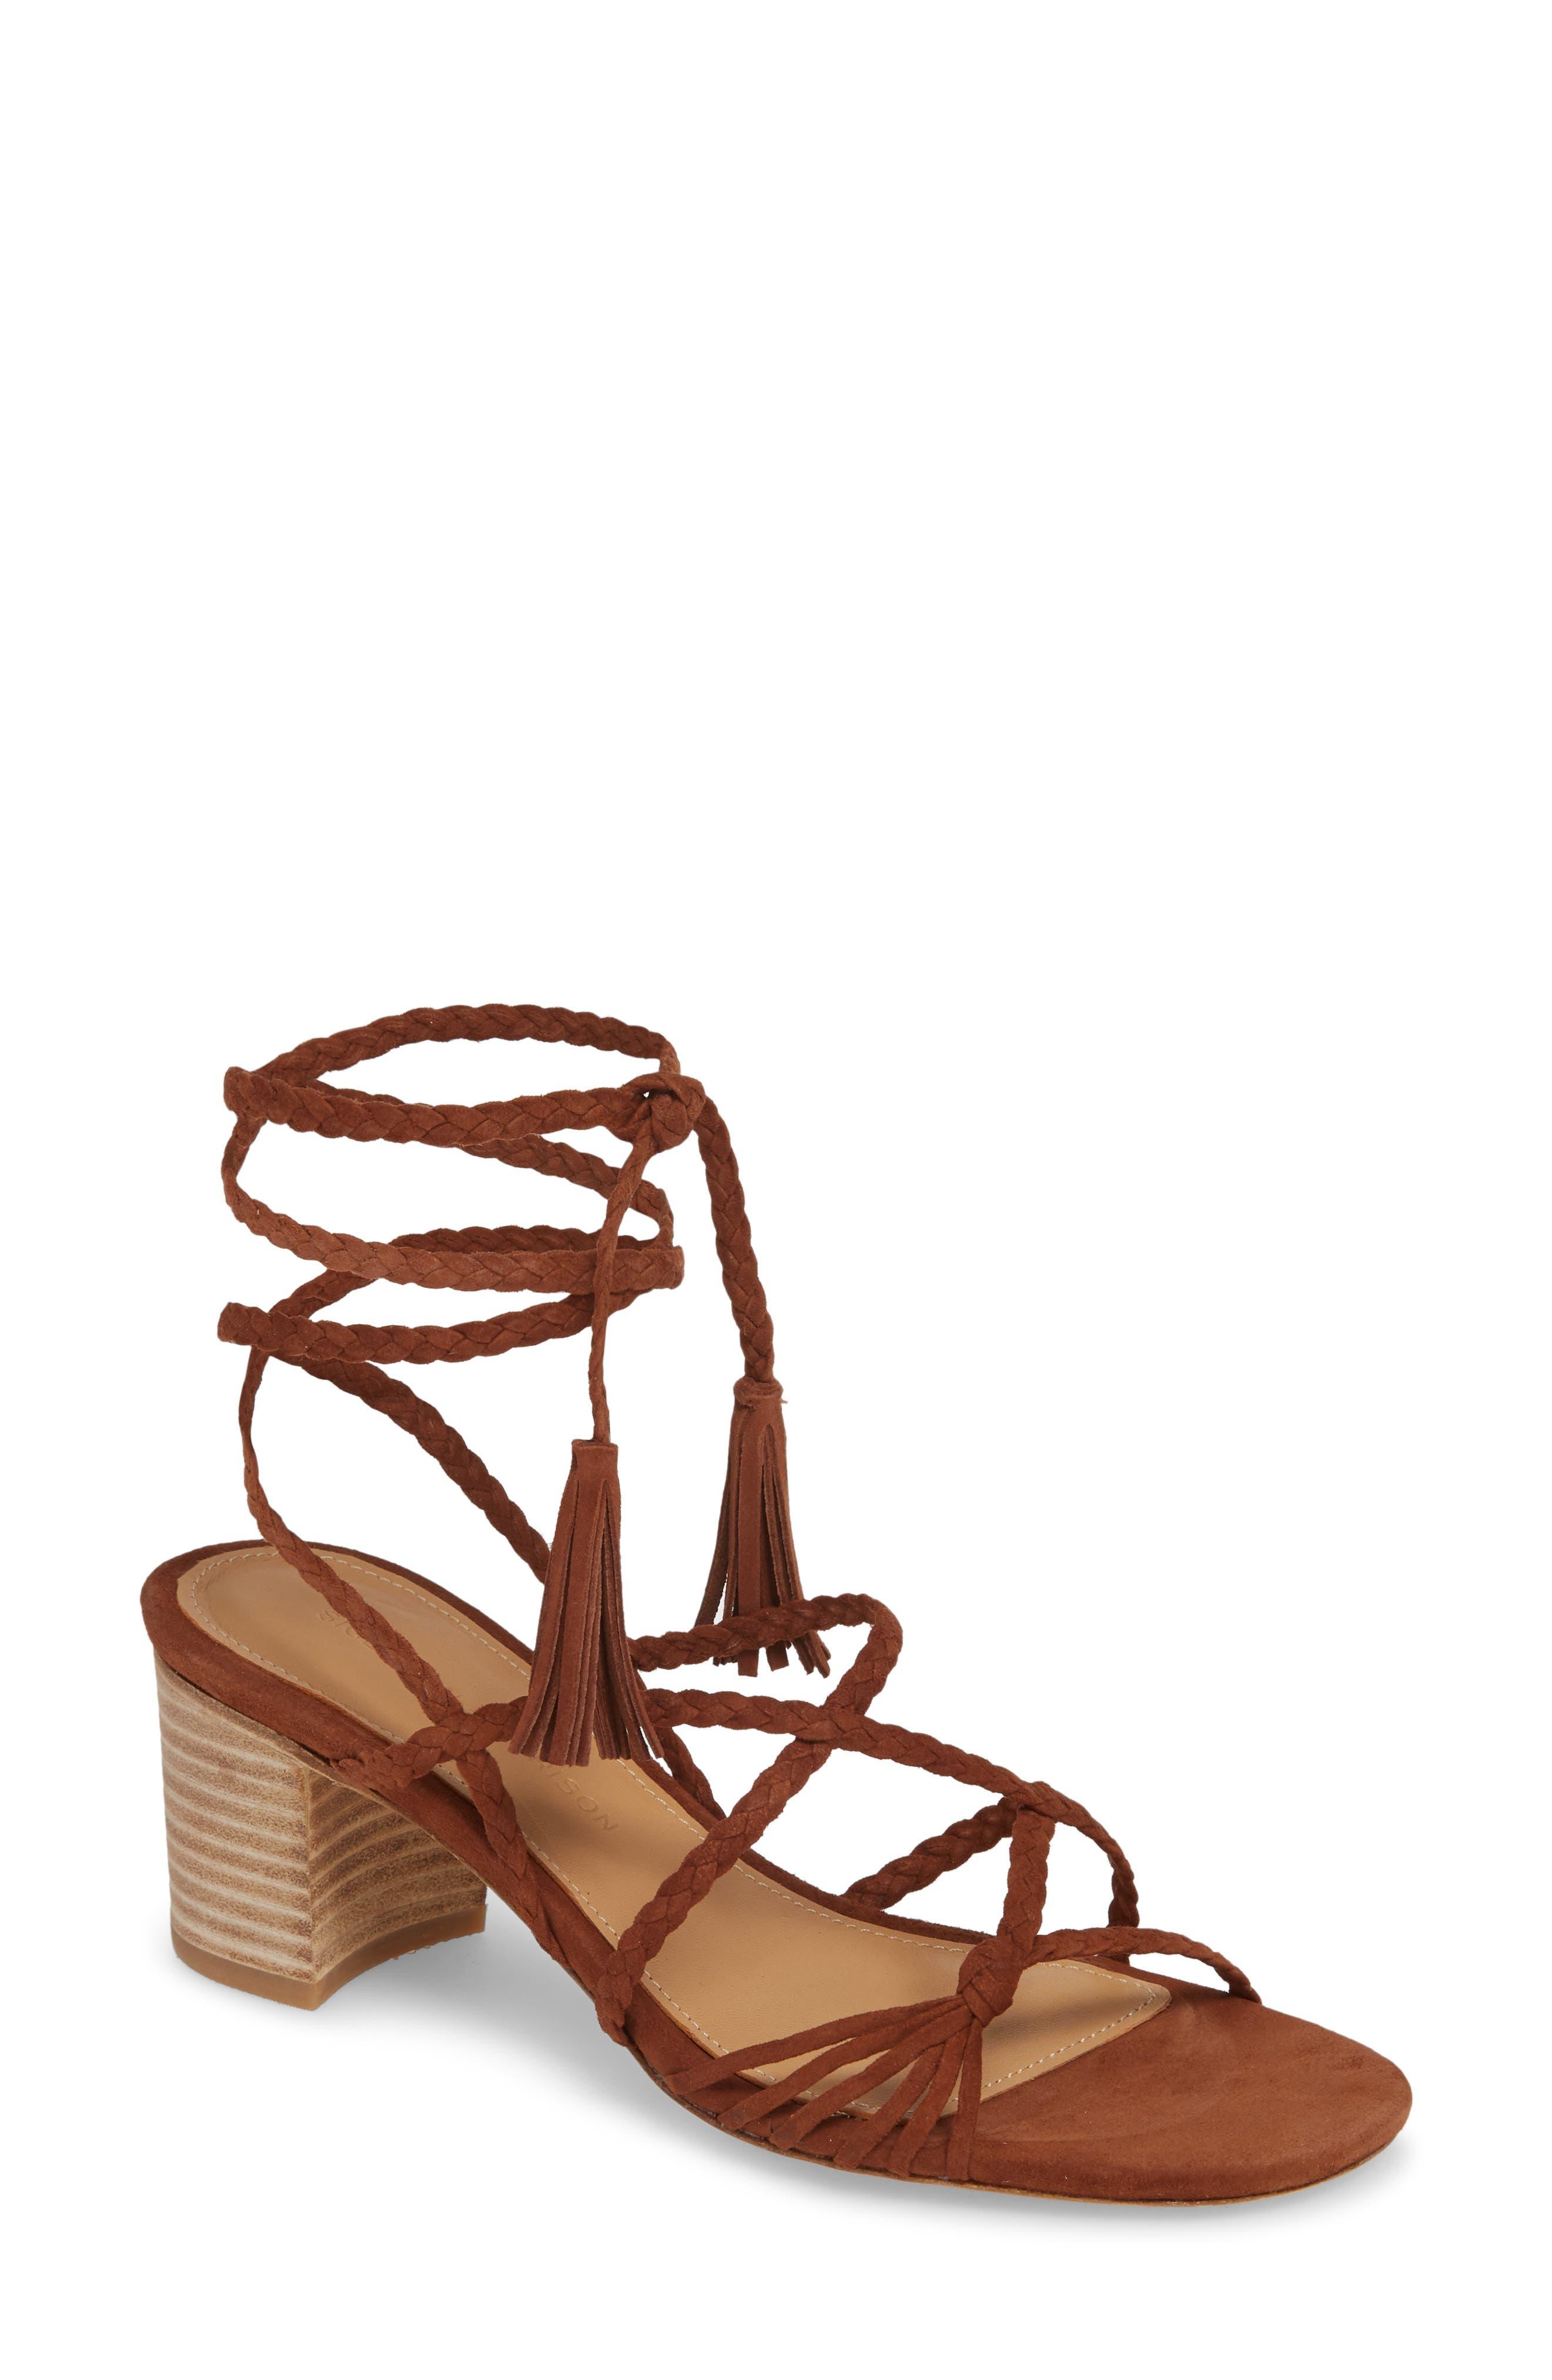 Sigerson Morrison Haize Lace-Up Sandal EU - Brown